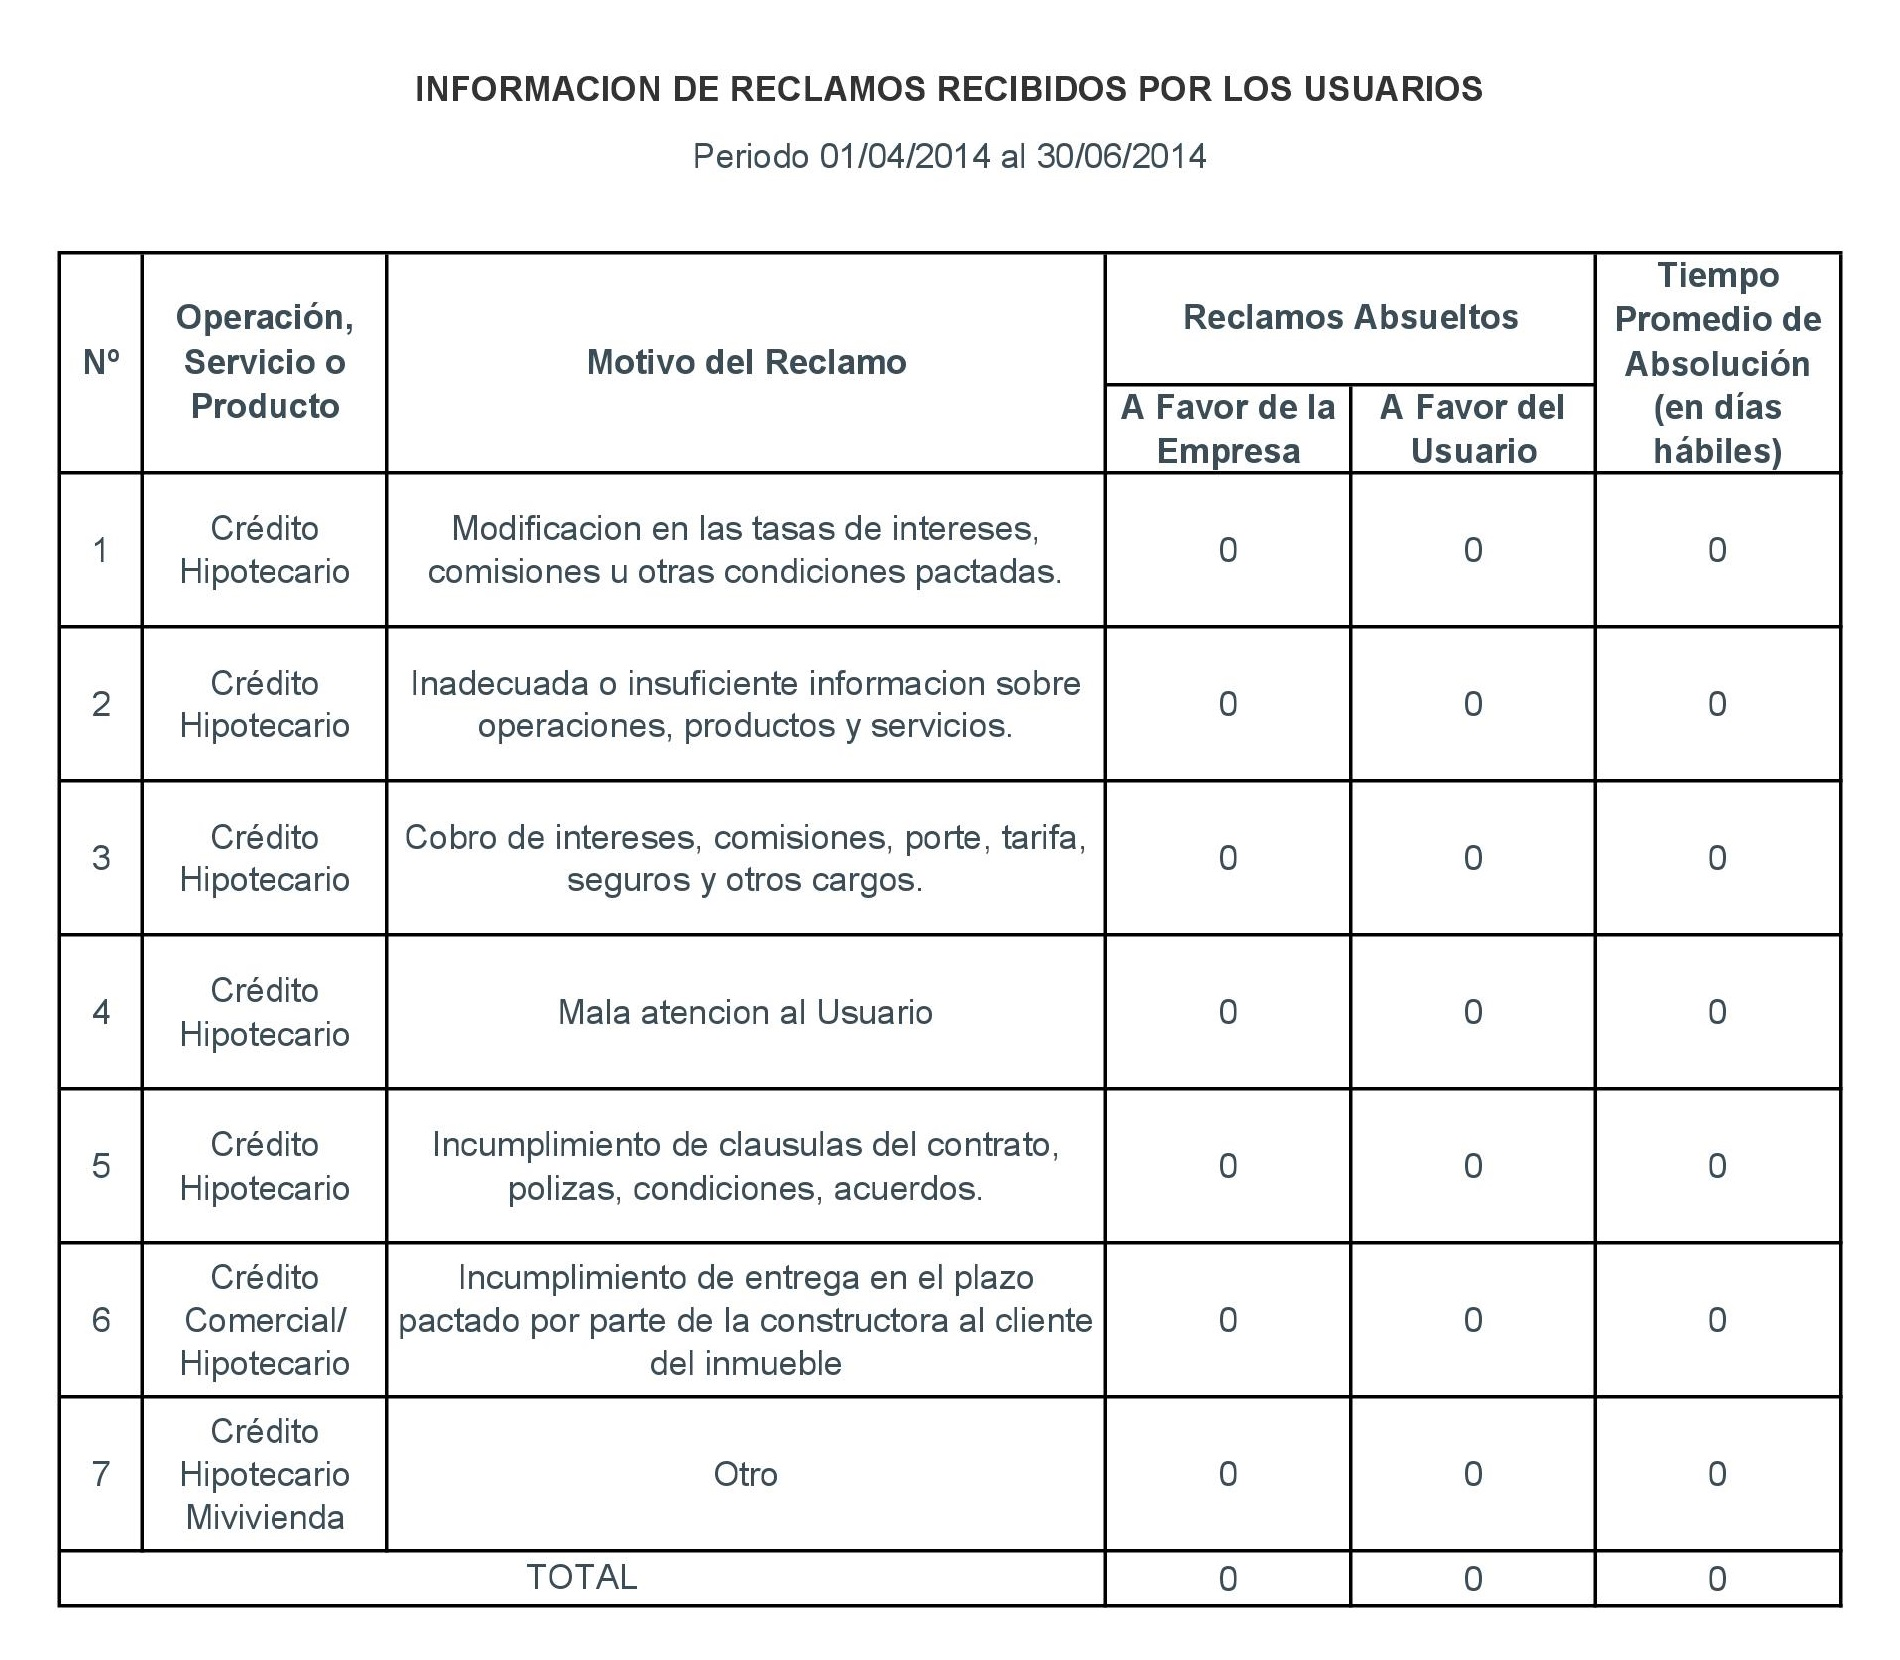 Periodo 01-04-2014 al 30-06-2014